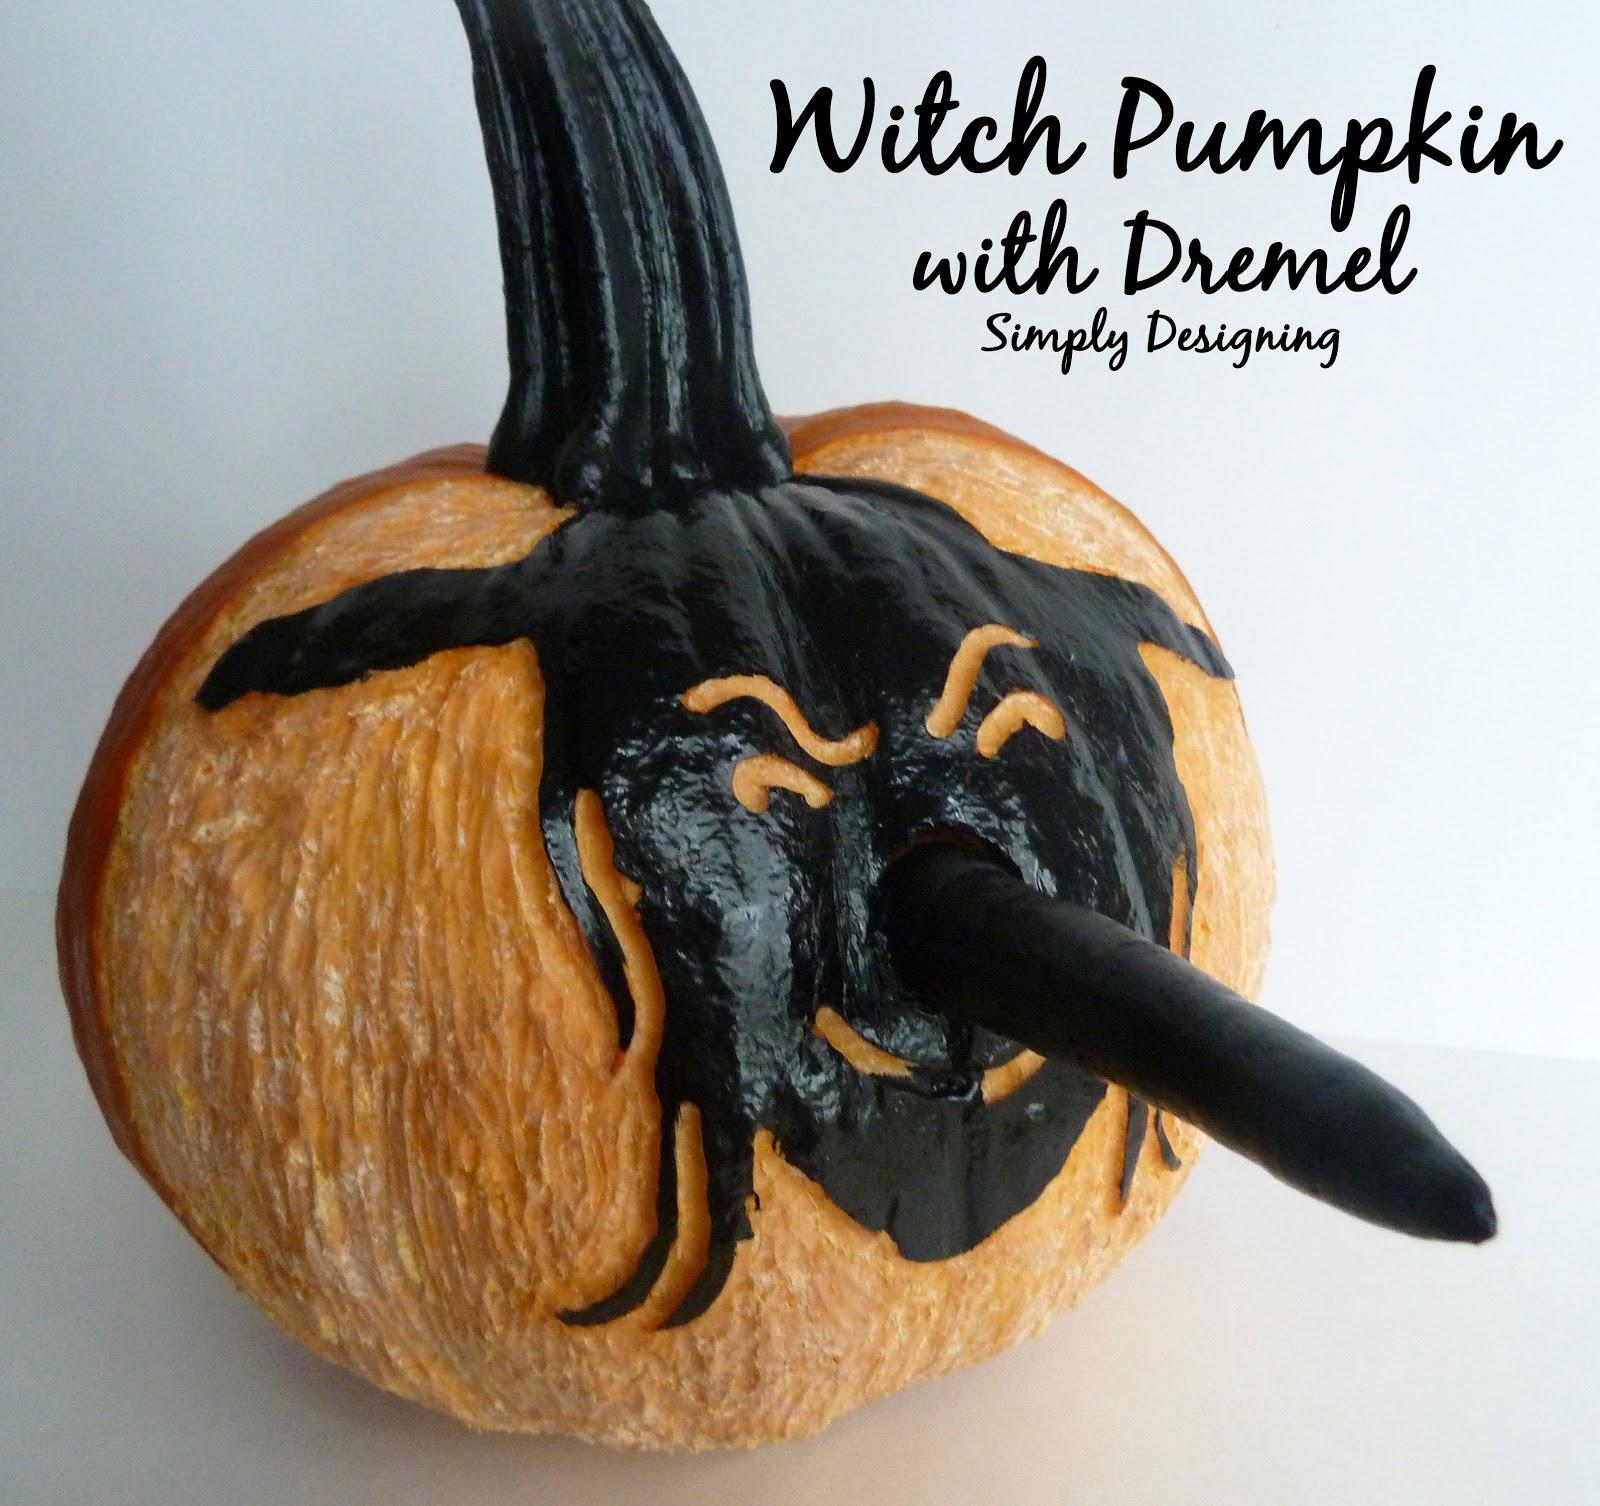 Witch pumpkin using a dremel